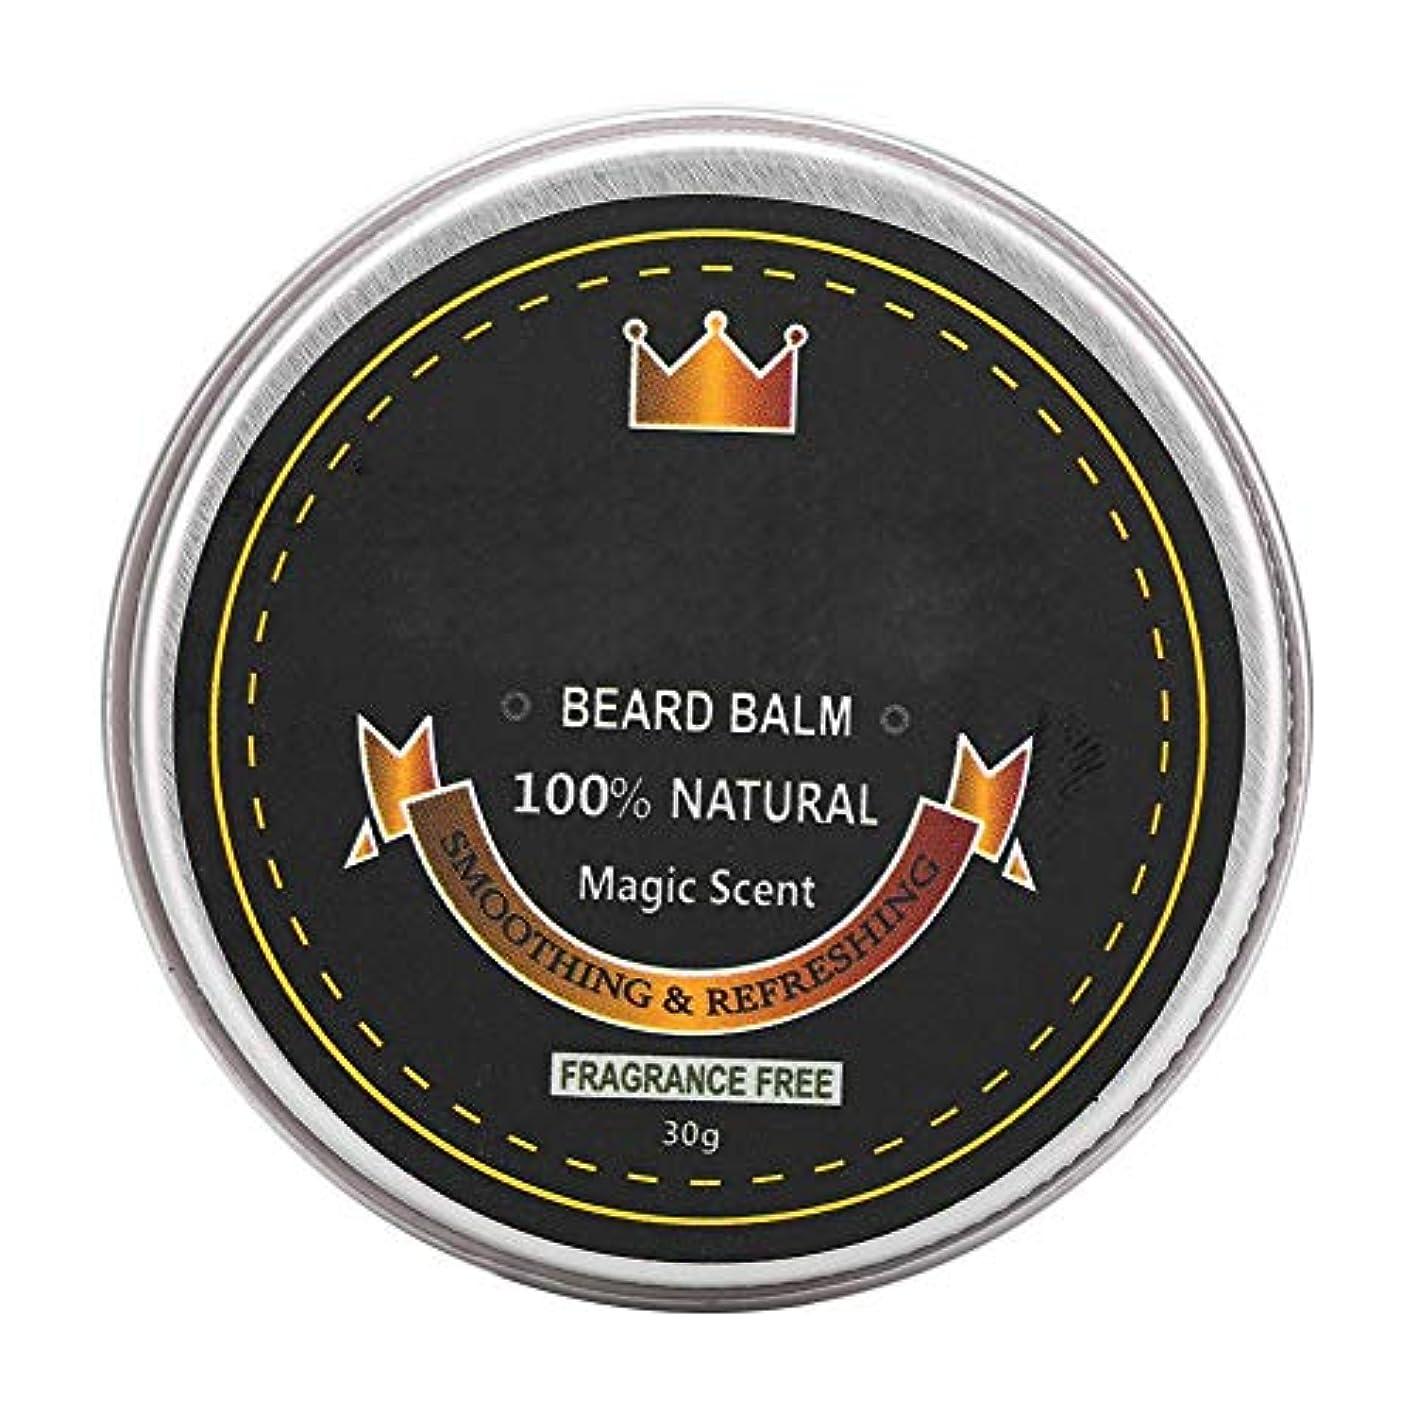 財団物足りないバインドひげバームコンディショナー、ひげケアグルーミングバーム、ひげを強くし、柔らかくするための口ひげ保湿スムージングワックス30g (1#)